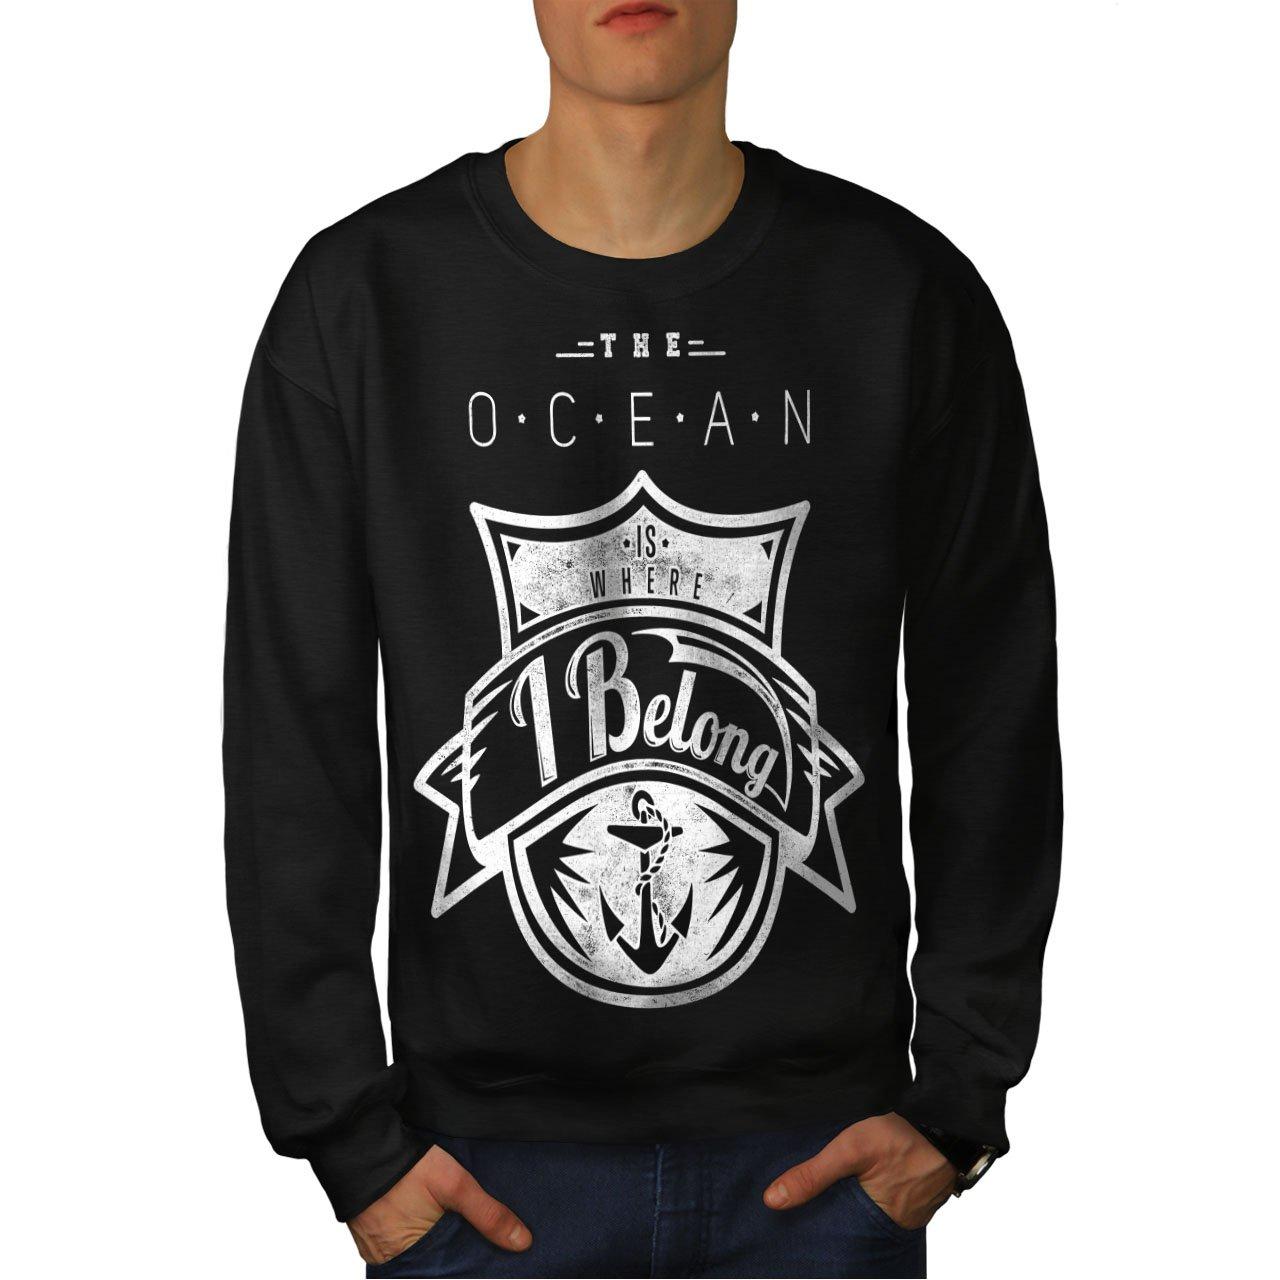 Love Casual Jumper wellcoda The Ocean Belong Vintage Mens Sweatshirt